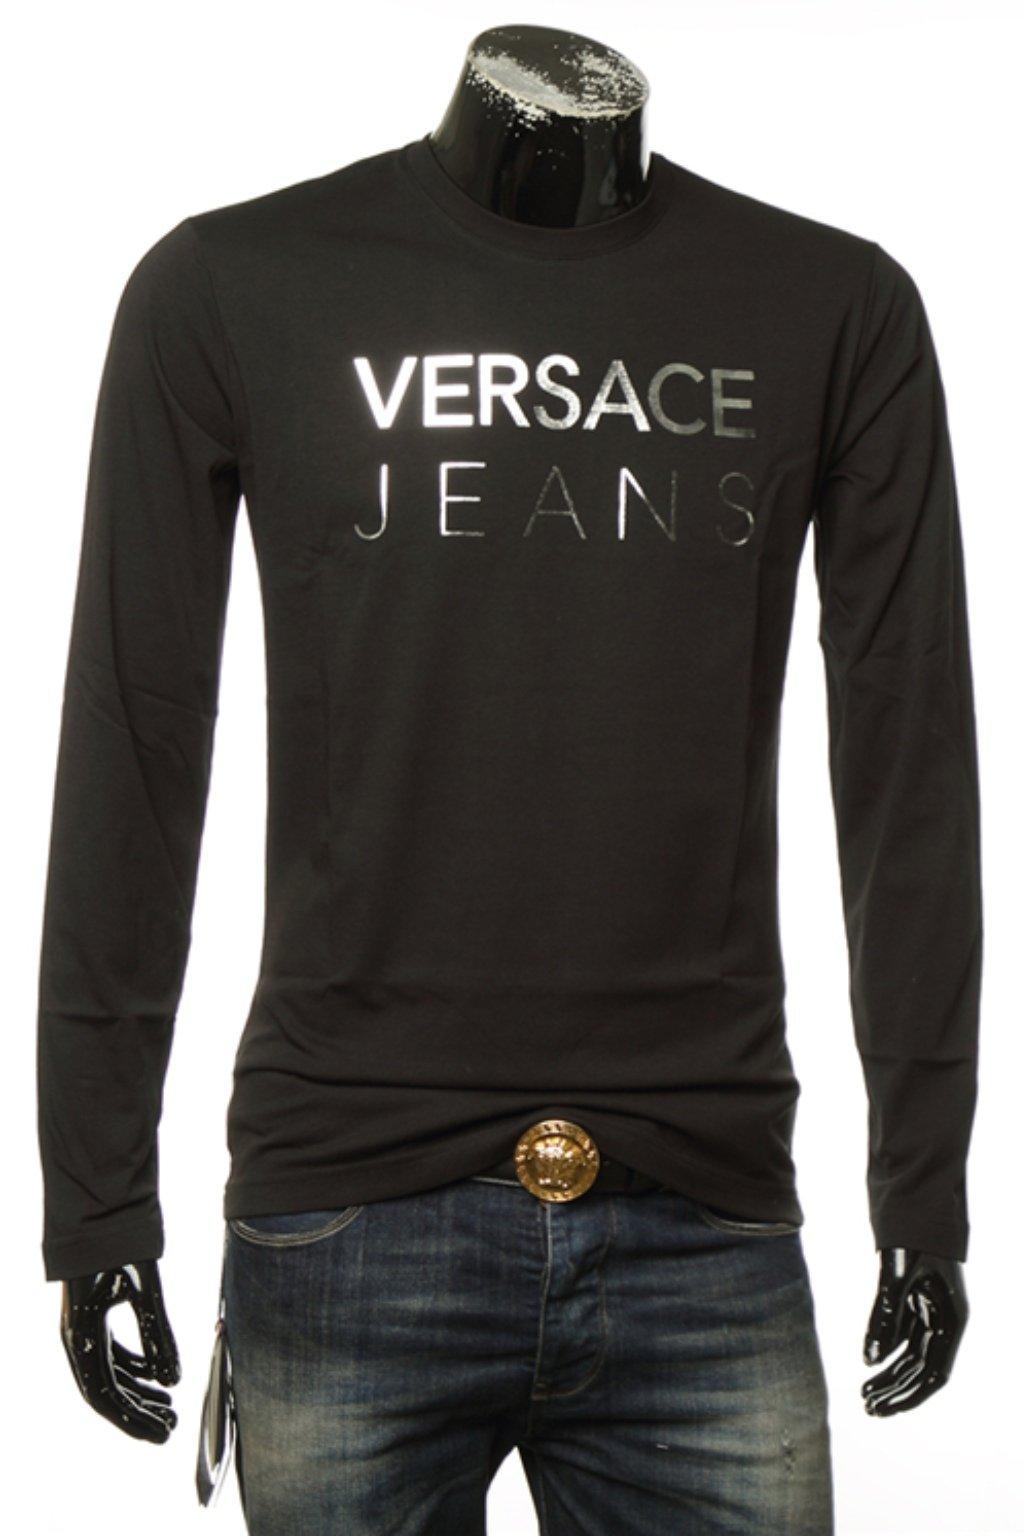 versace jeans panske tricko s dlouhym rukavem (2)